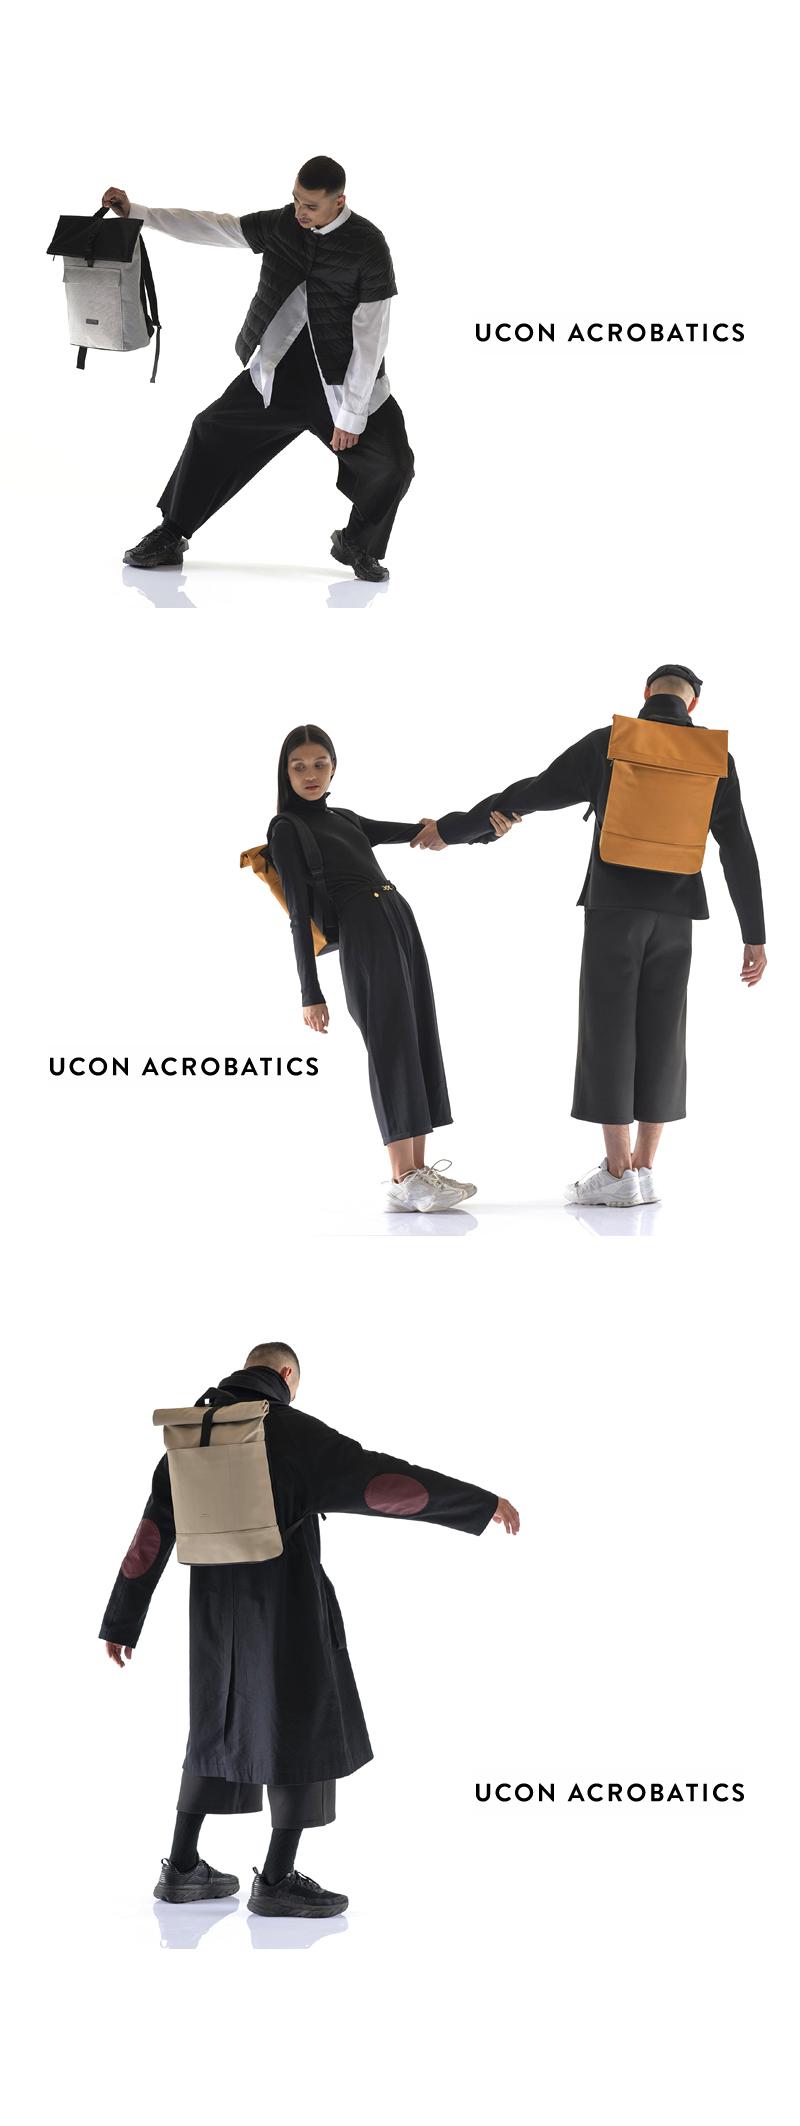 유콘아크로바틱스(UCON ACROBATICS) 제이콥 로터스 누드 슬링백 (UAJAC002)